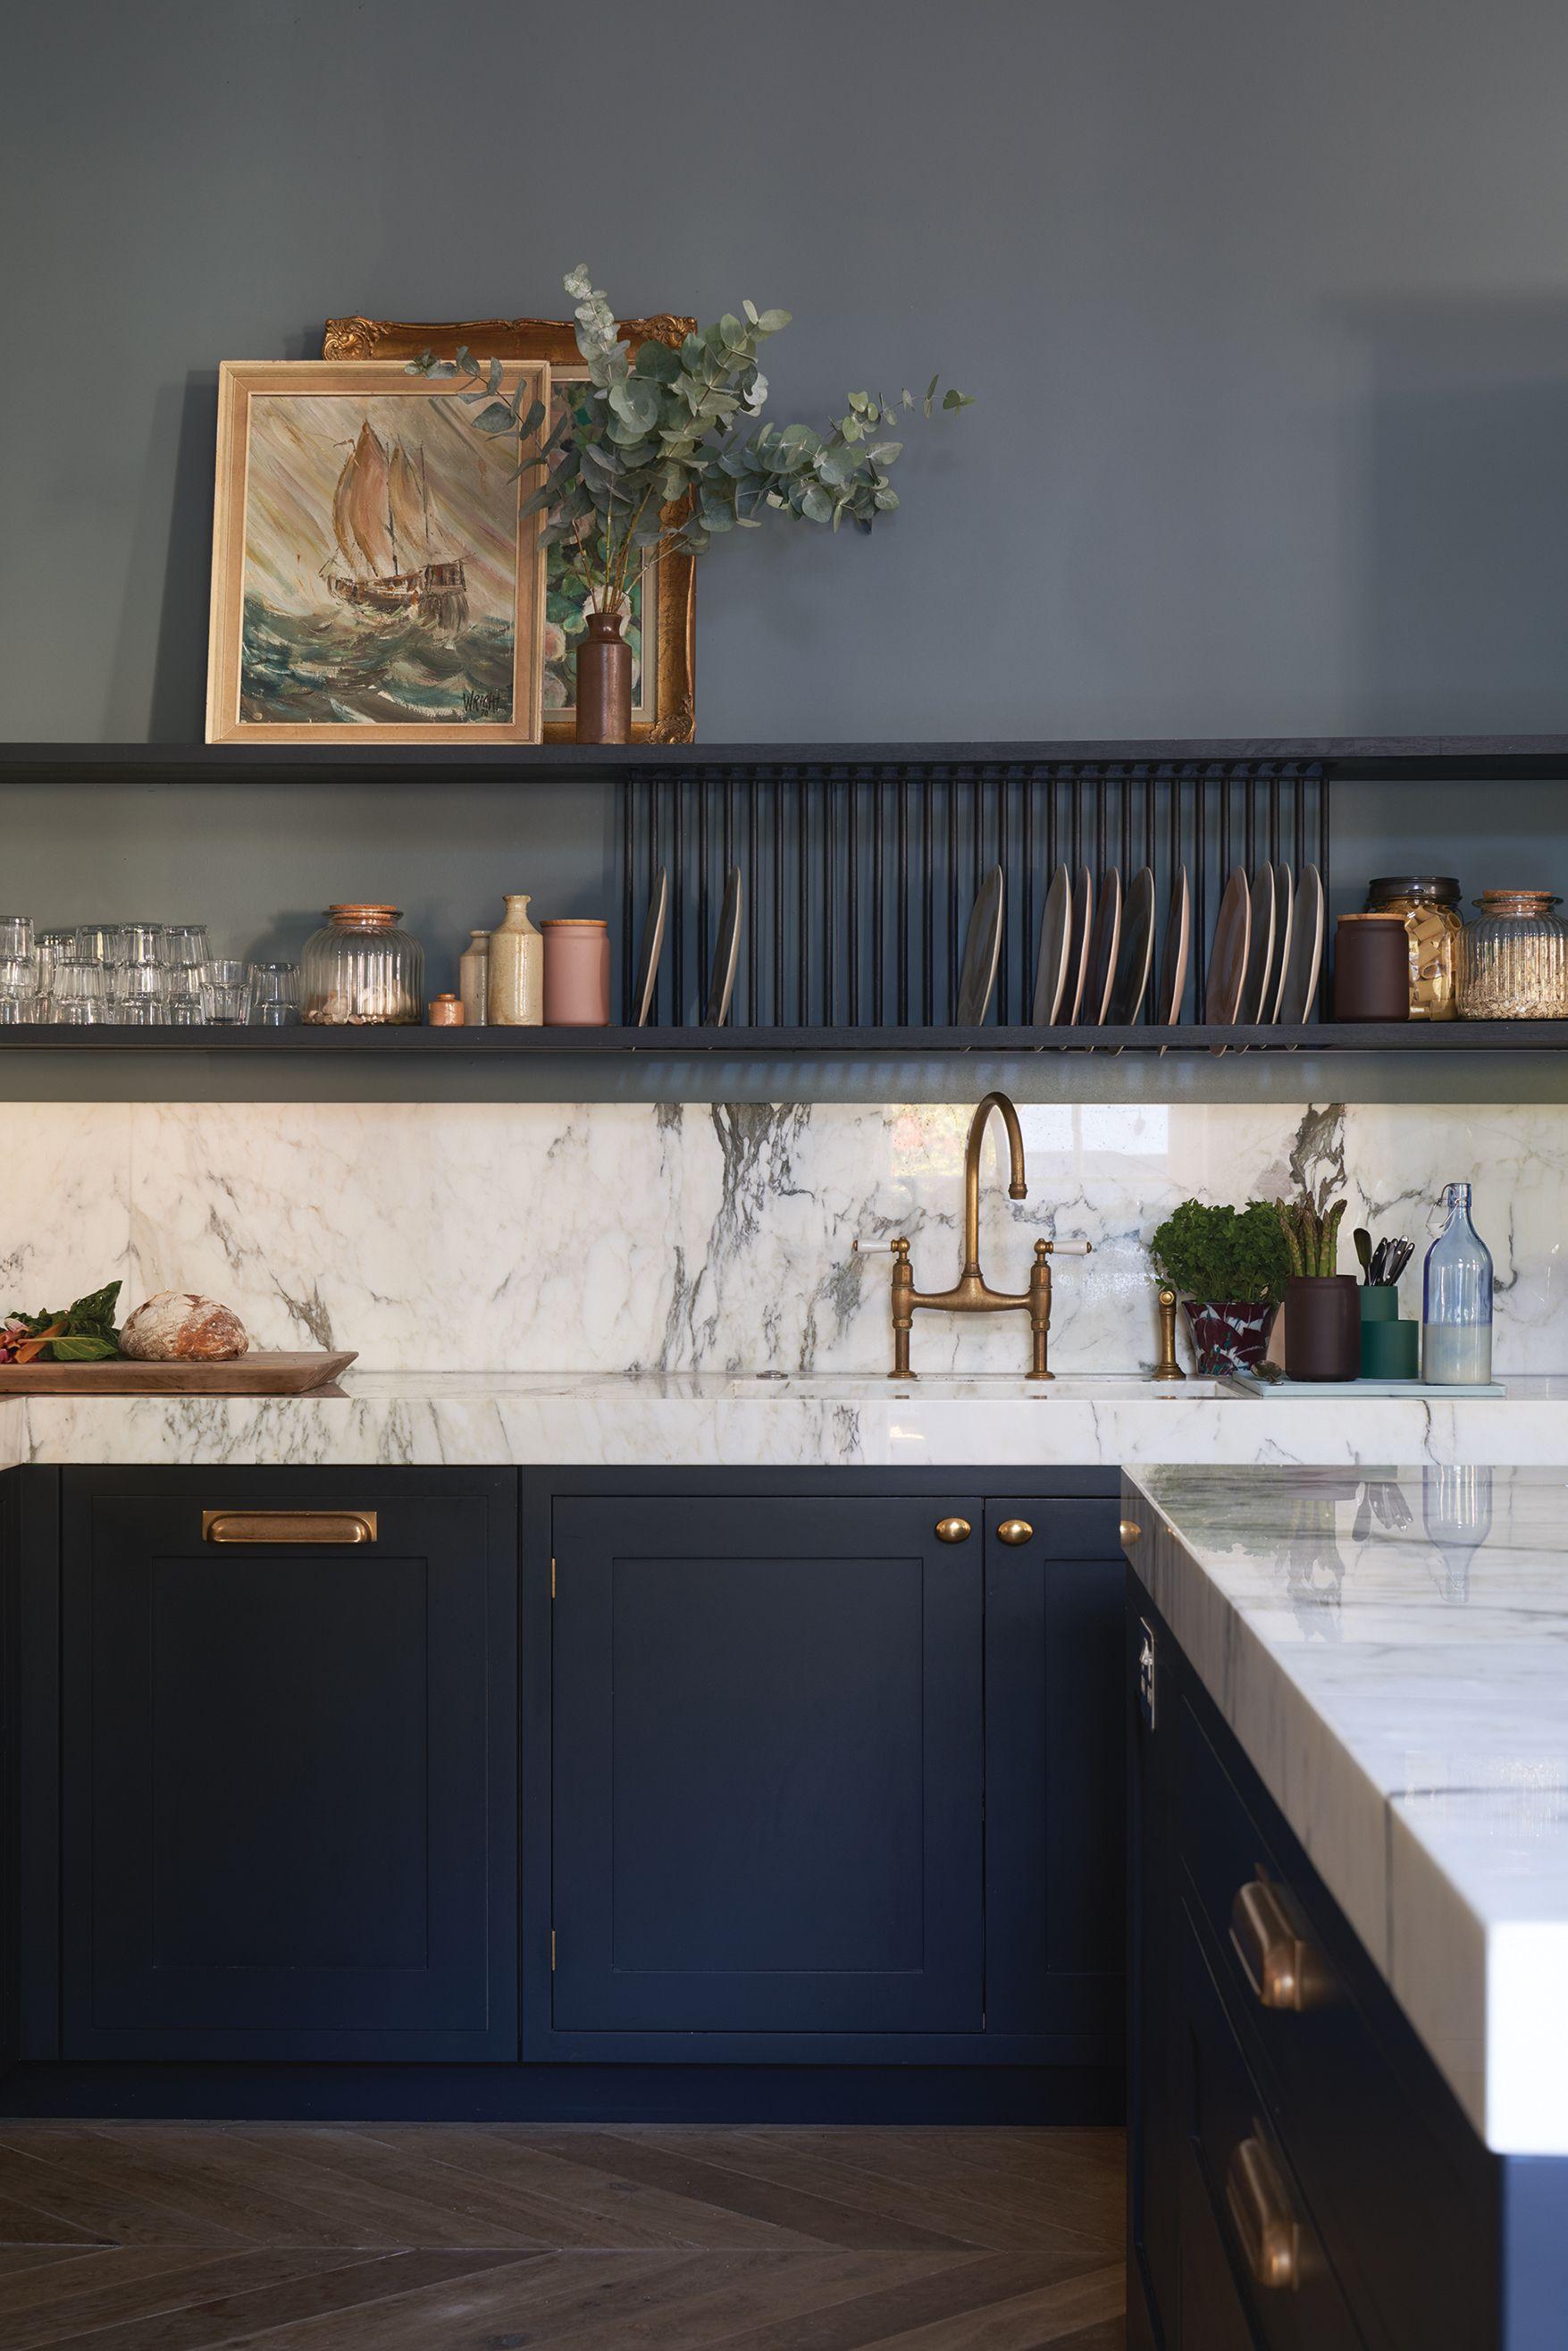 9 Dark Kitchen Ideas For Every Kitchen Size